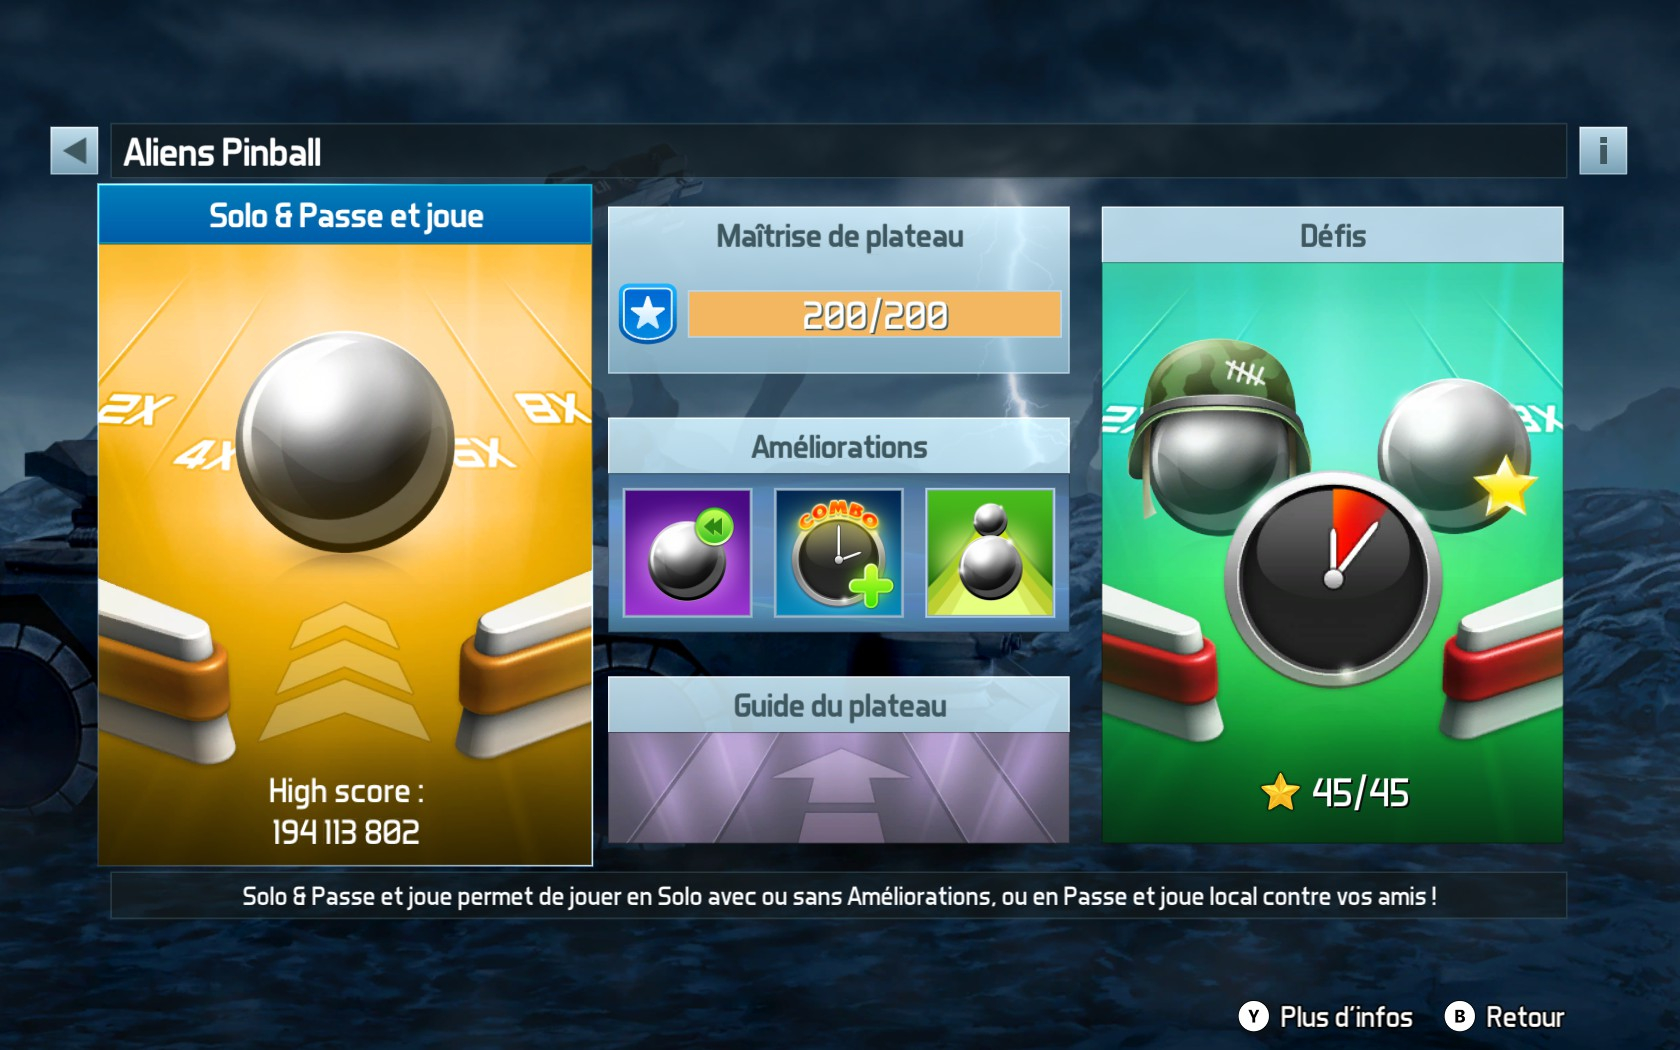 LUP's Club TdM 05.18 : Aliens Pinball • Aliens, Alien vs. Predator, Alien : Isolation - Page 3 206D7768709385E809A63051ADDD92E4571127C6